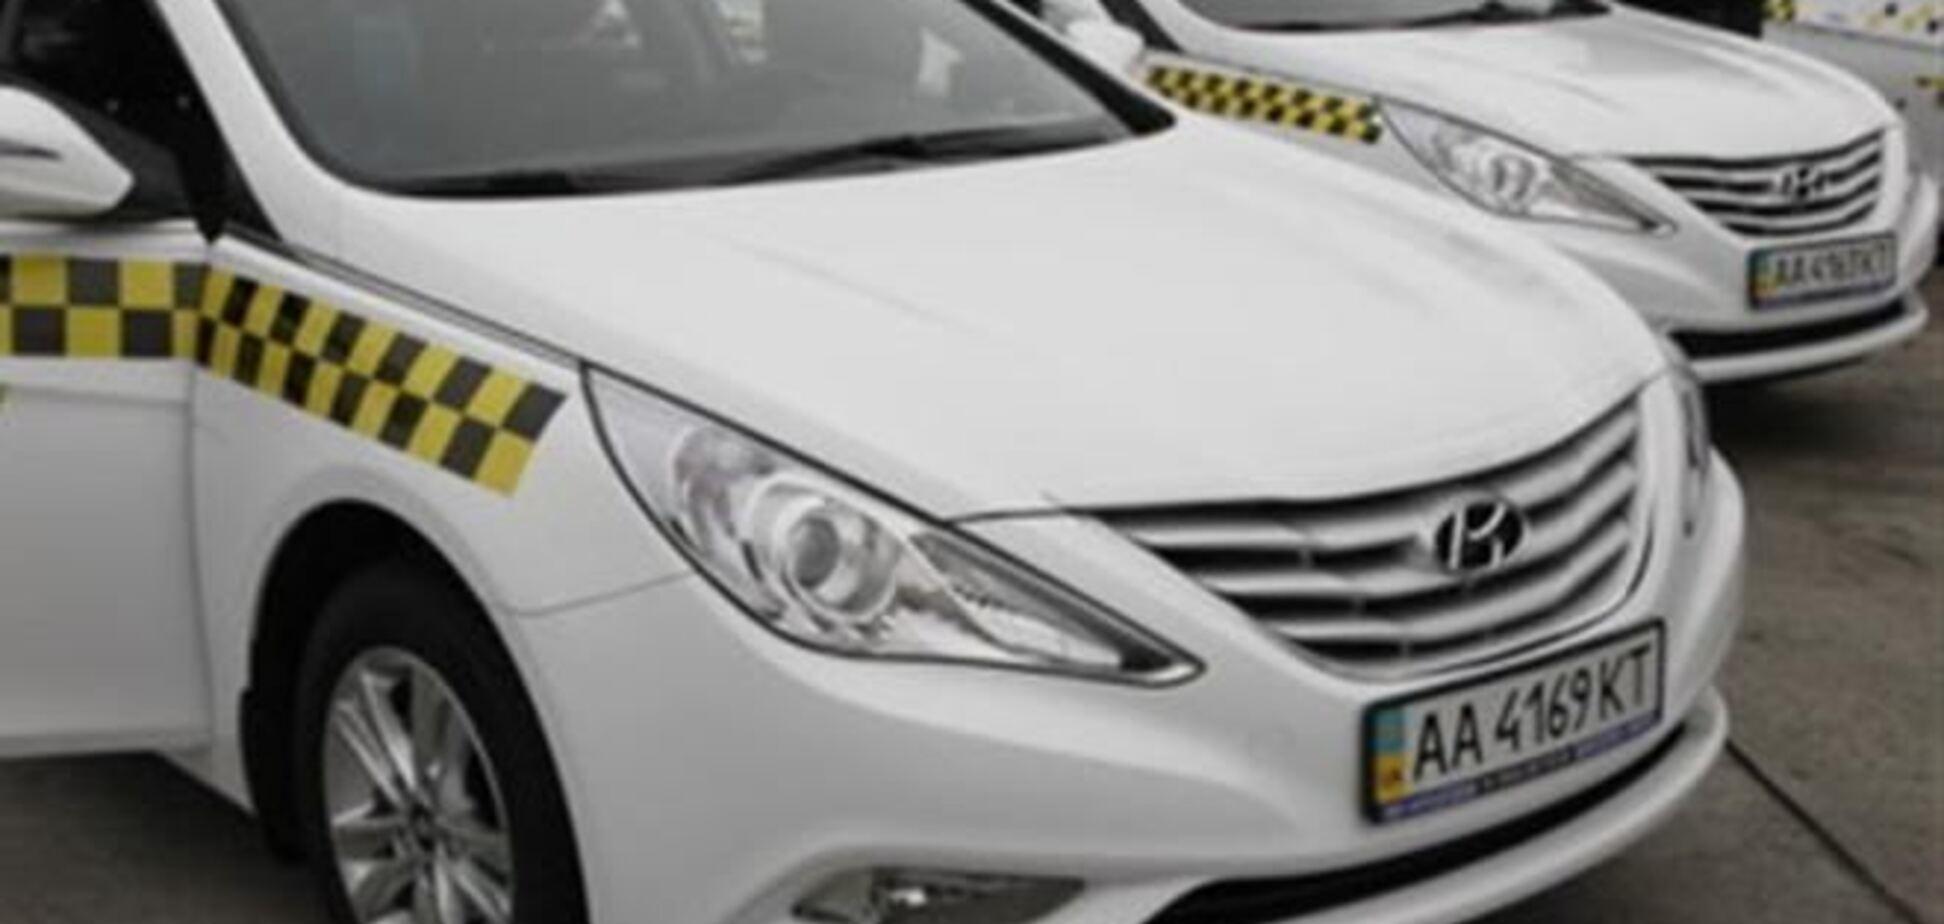 Нелегальные таксисты воруют у государства 124 млн грн ежегодно